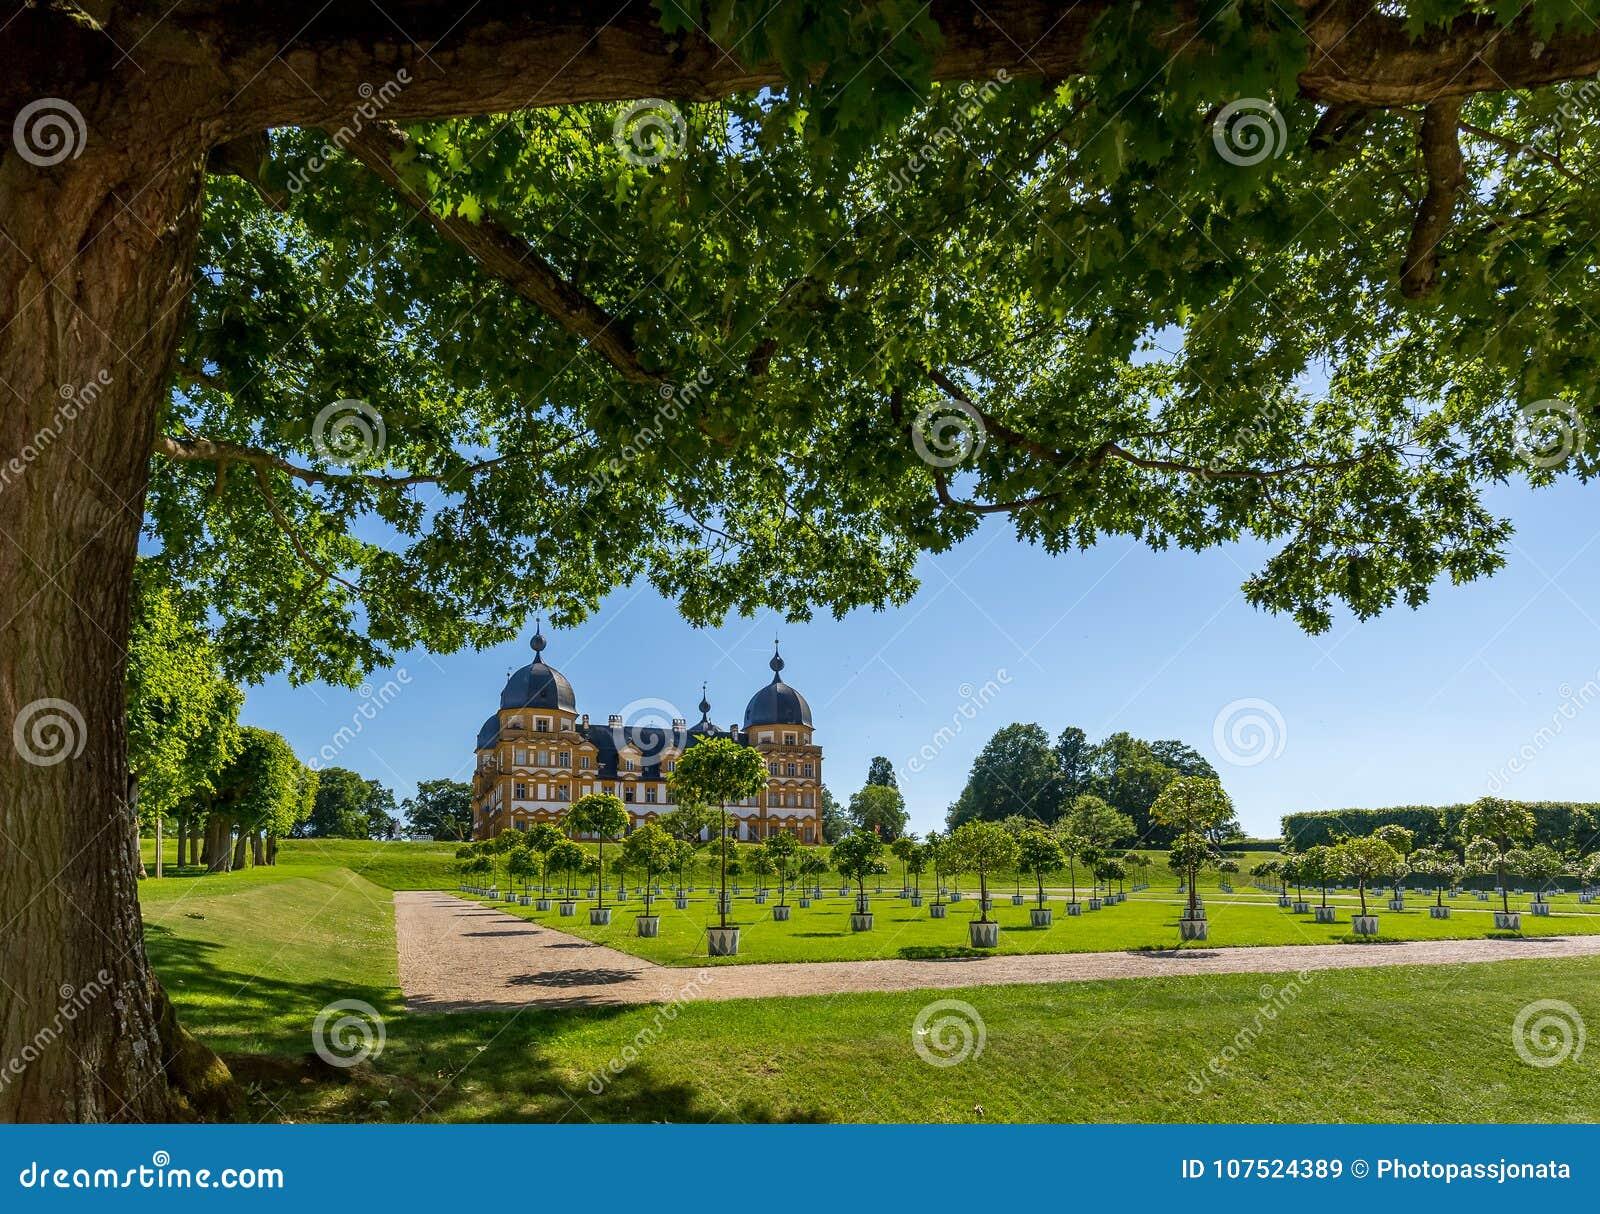 Schloss Seehof Memmelsdorf -Germany